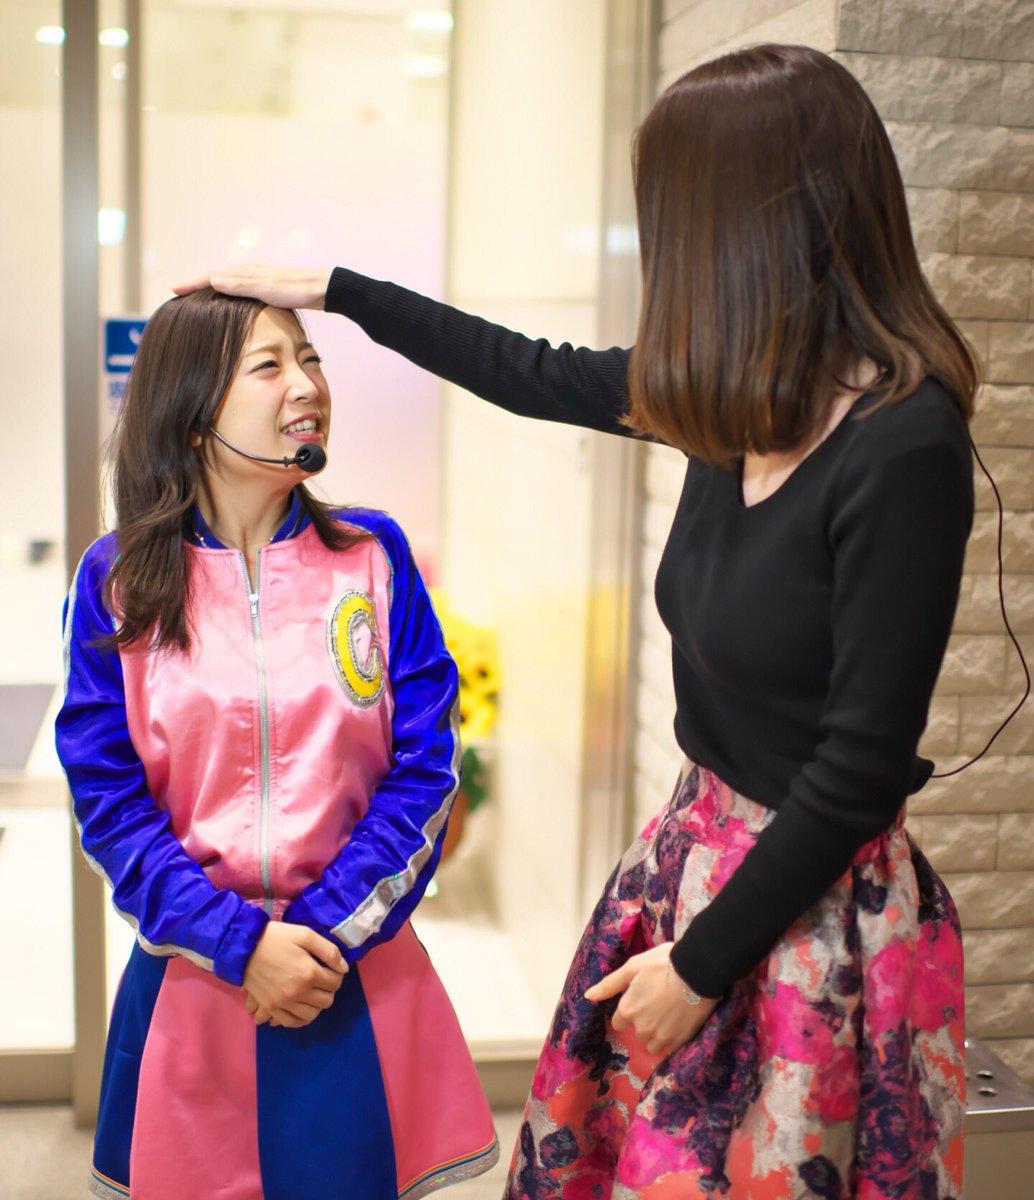 小林恵美 神奈川収録終了しました^ ^ 小林恵美さんとご一緒させて頂きましたがとっても楽しかったです♡♡  1/23から4週連続毎週月曜日25:00〜テレビ神奈川で放送です!